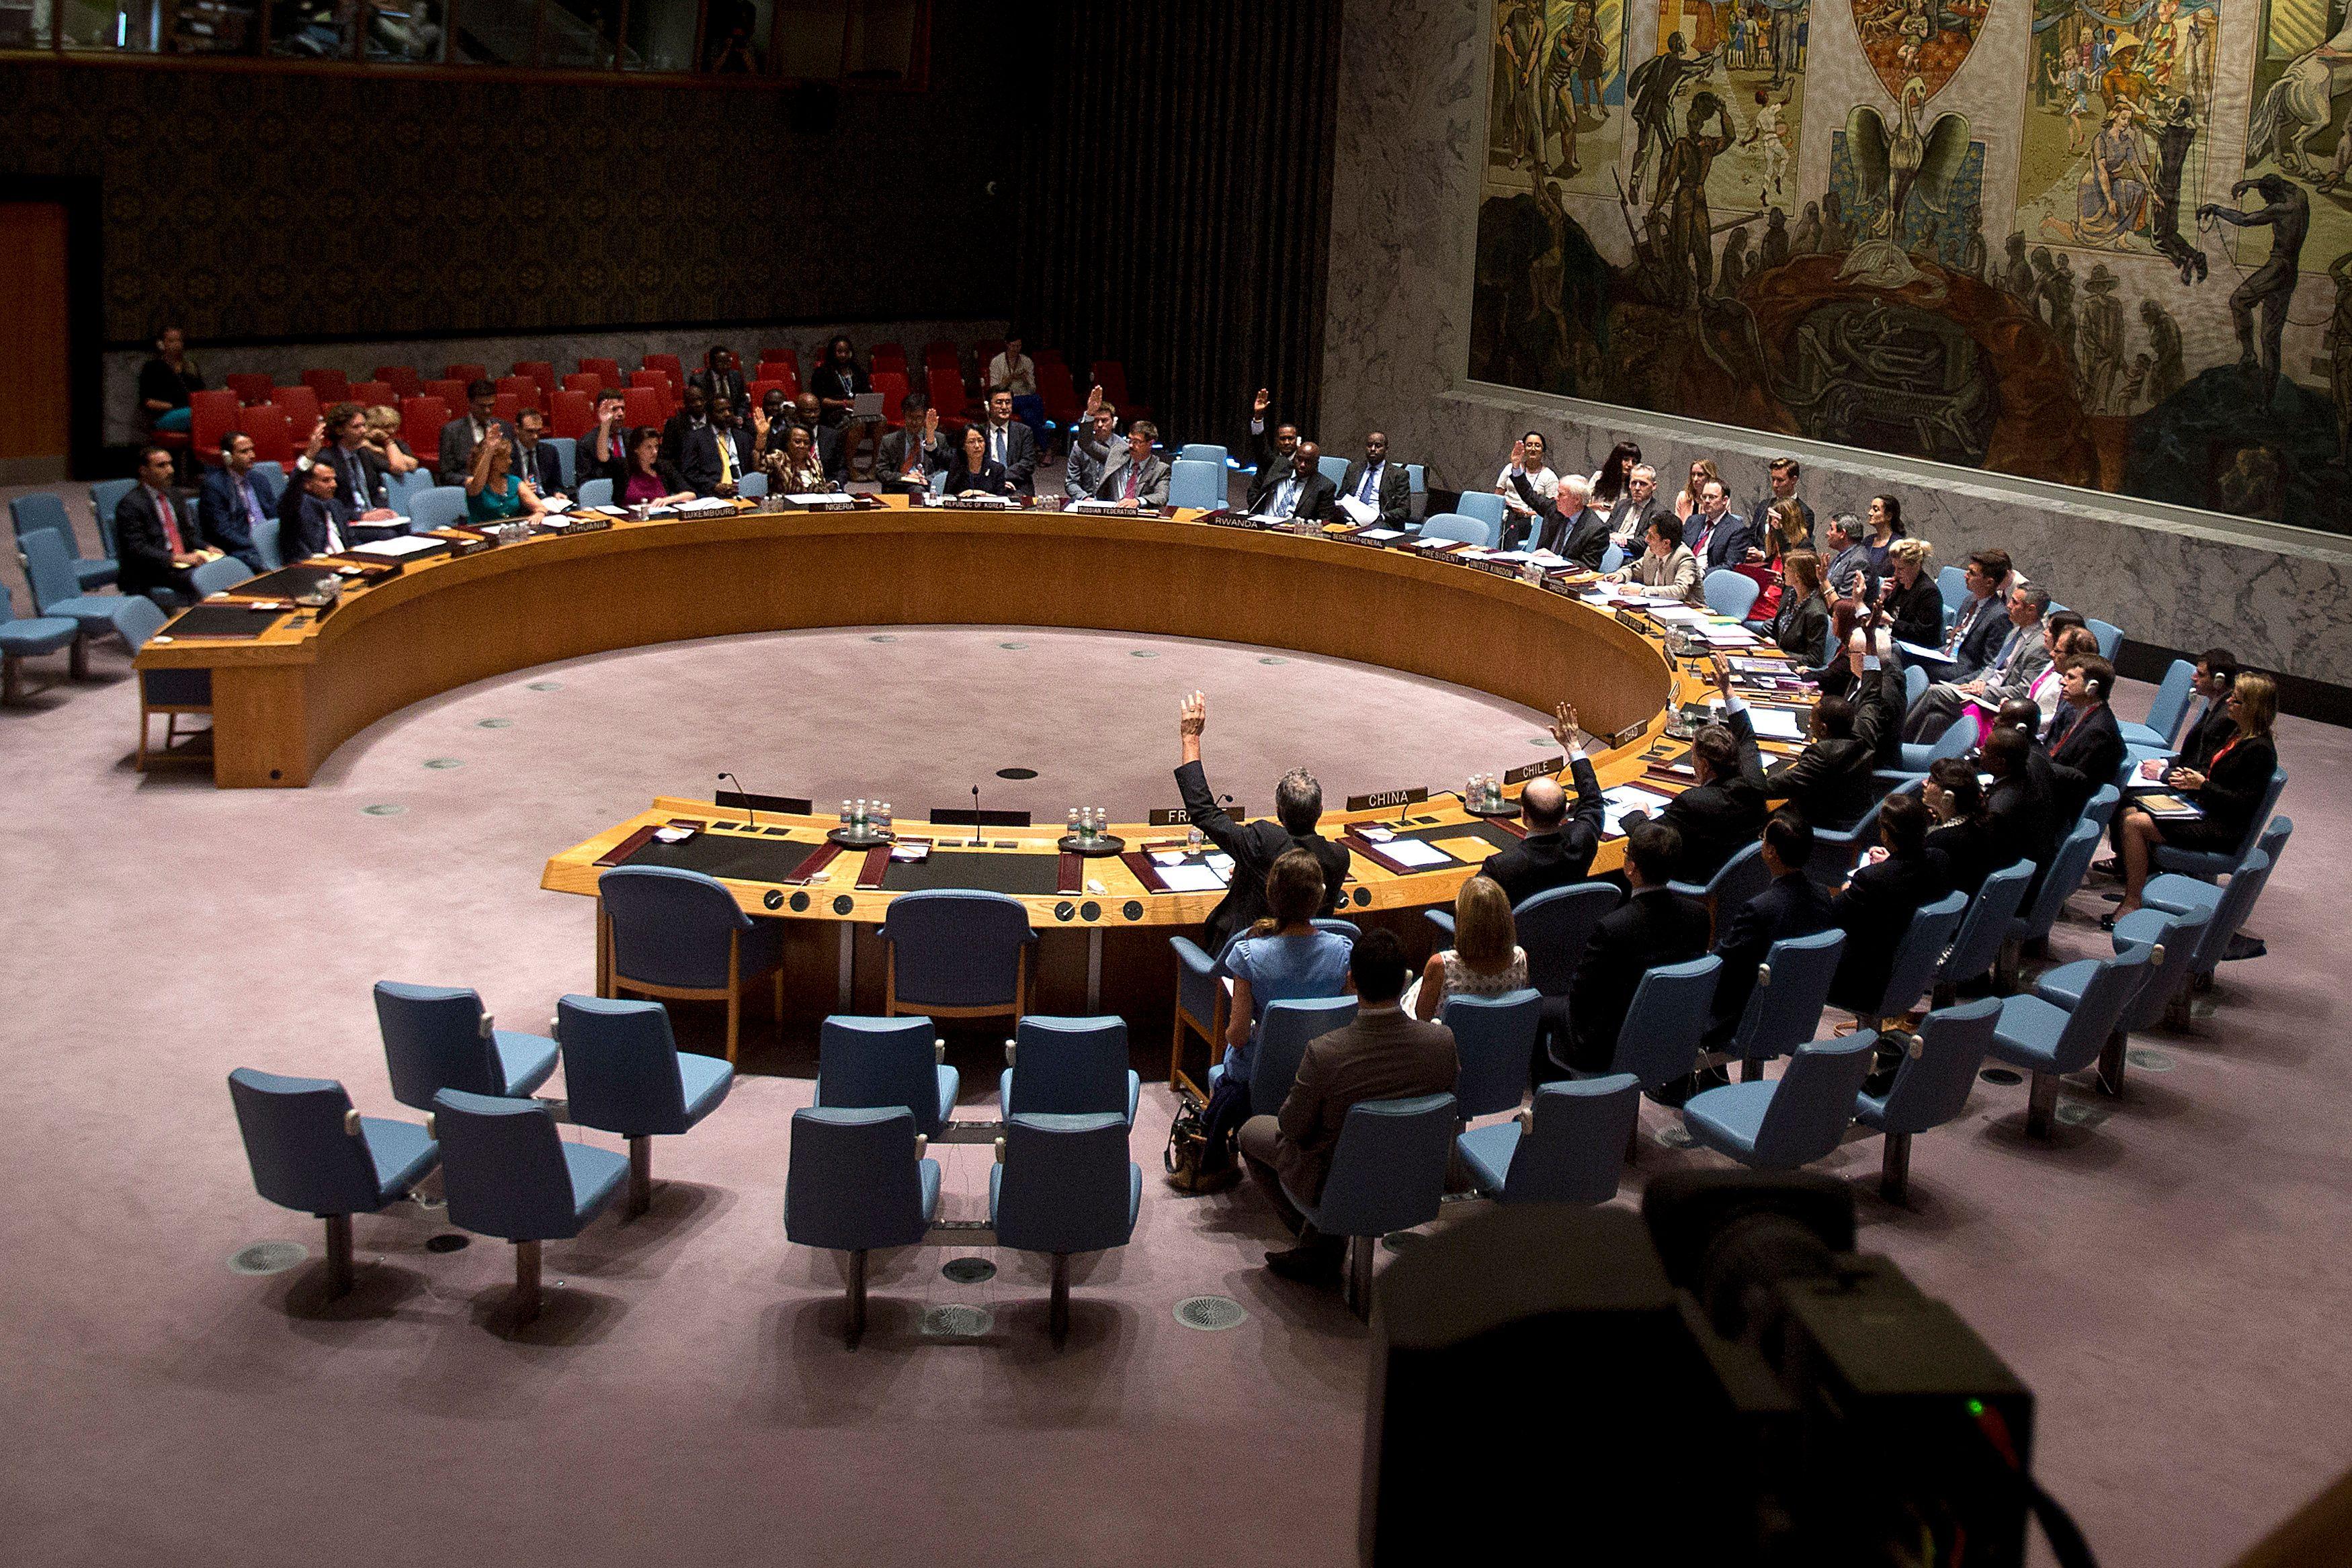 """Attaque chimique en Syrie : Marine Le Pen estime que le veto russe à l'ONU """"pose un problème"""""""